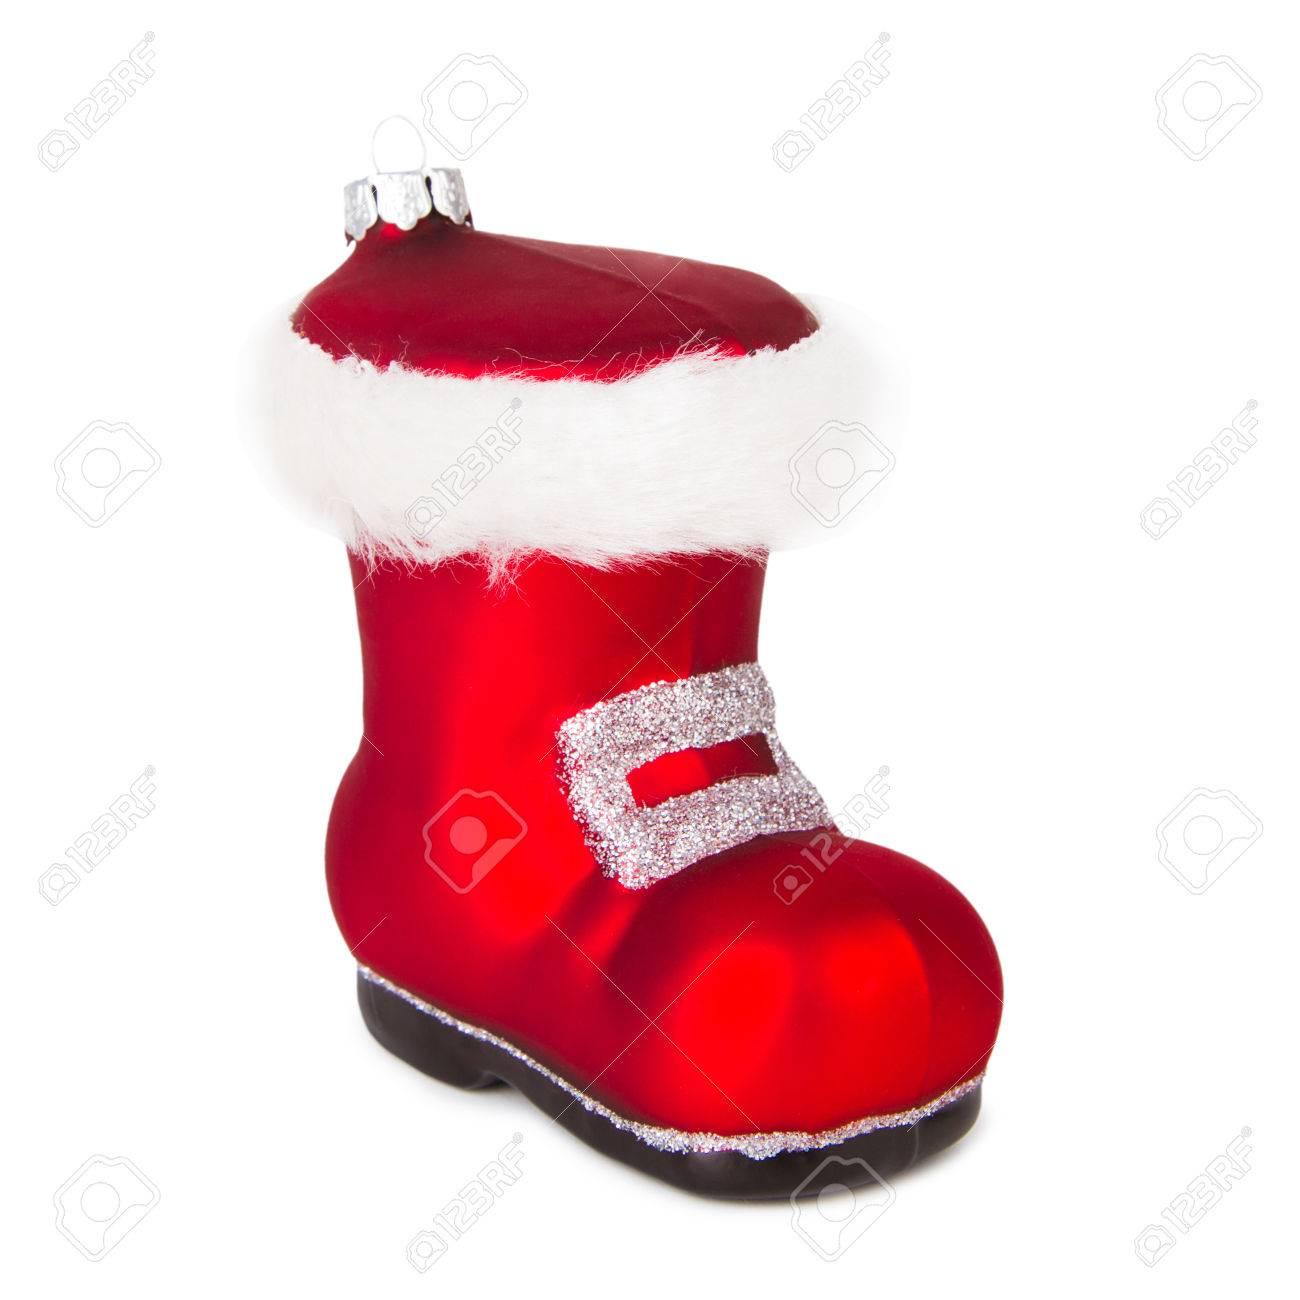 blanc fond Noël Père Décoration la botte du sur rouge Noëlisolé de wkXiOZTPu